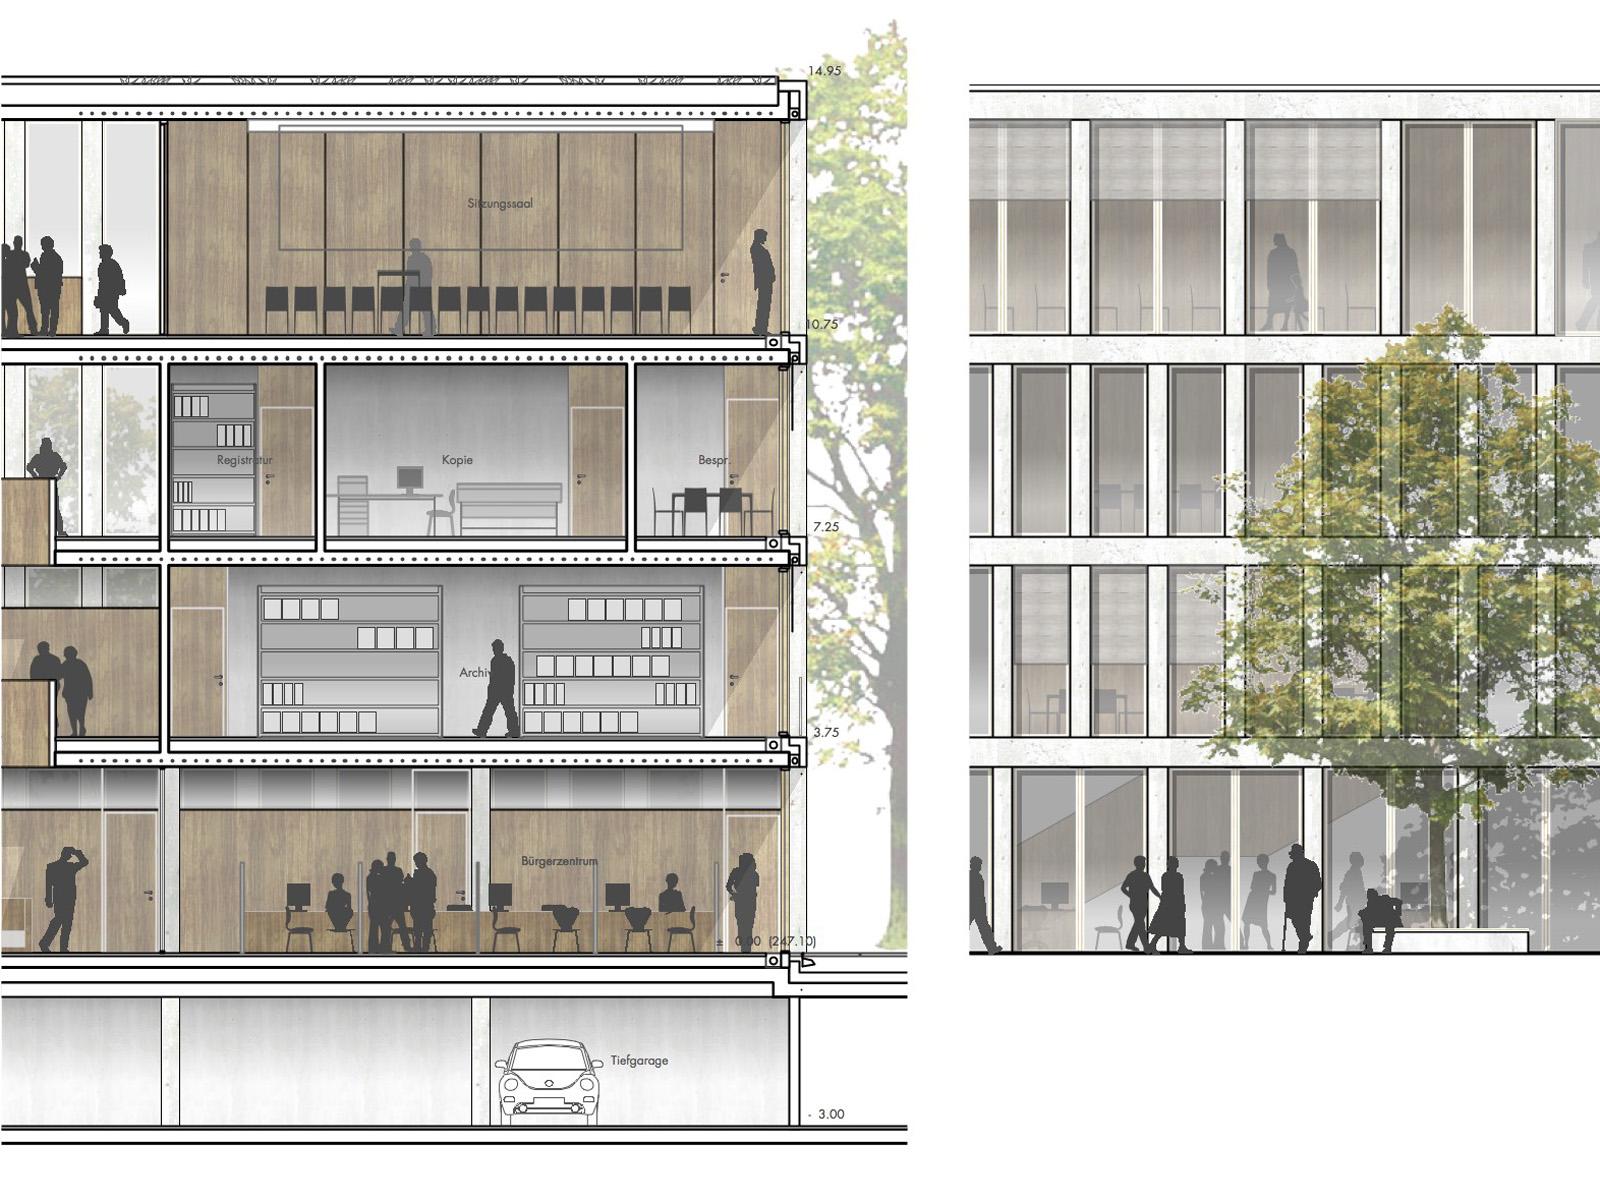 Detail-Wettbewerb-Rathaus Altbach-Anerkennung-2016-© Friedrich-Poerschke-Zwink-Architekten